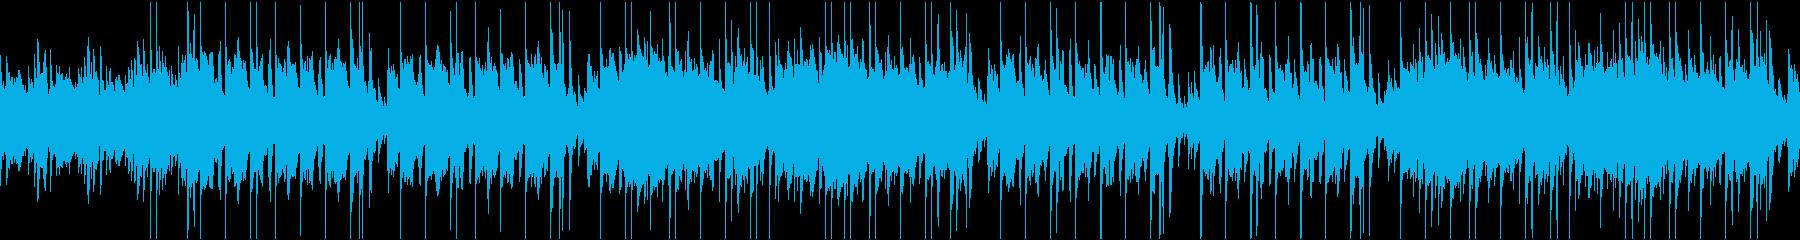 Refreshing violin / karaoke / loop's reproduced waveform